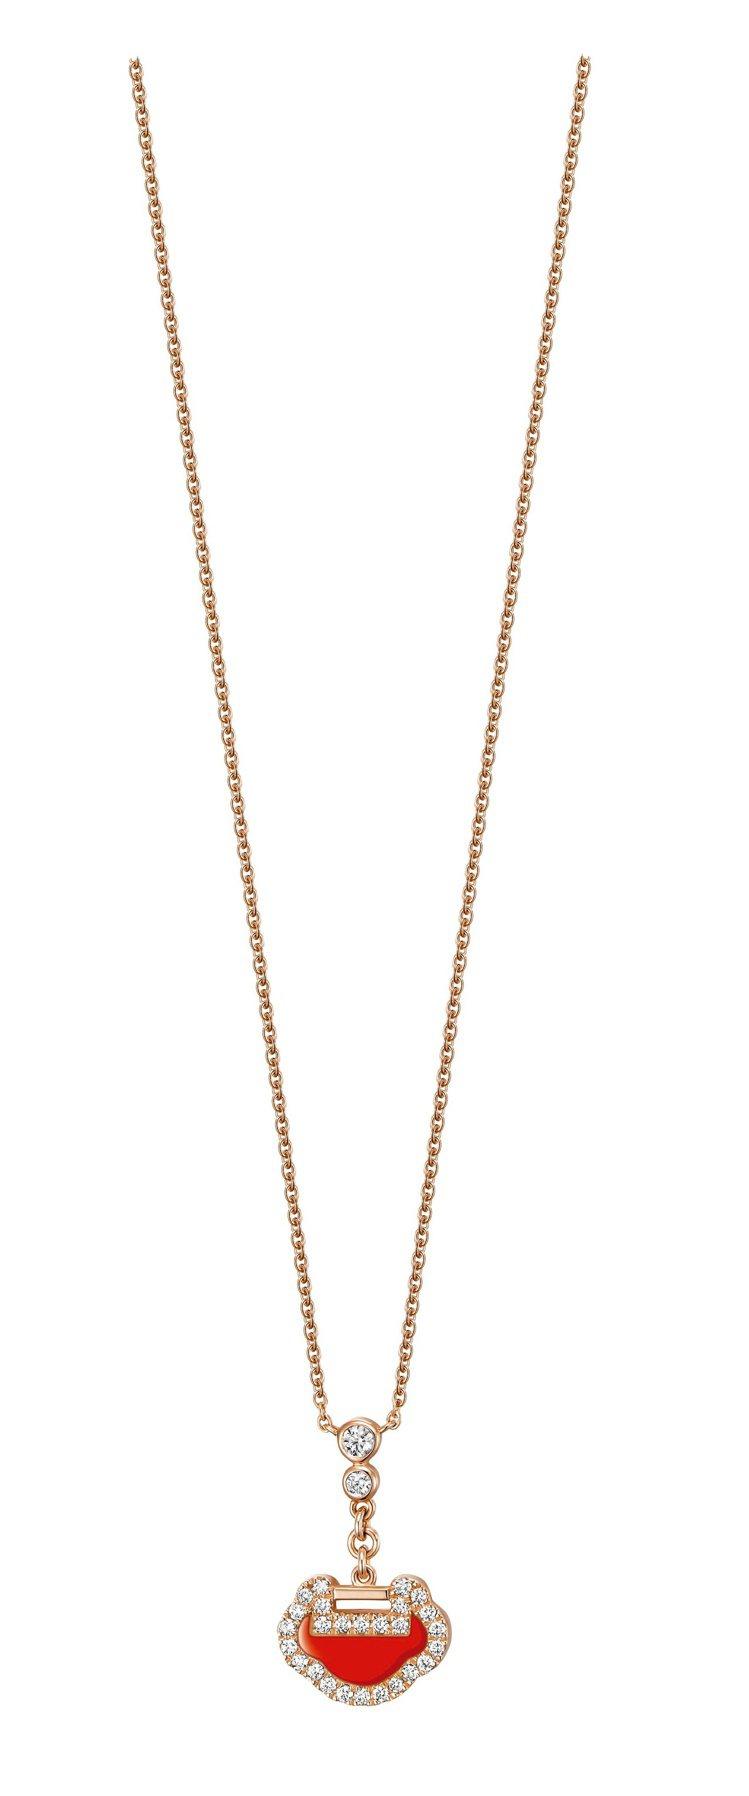 Qeelin,Petite Yu Yi系列,18K玫瑰金鑲鑽紅瑪瑙項鍊,50,0...